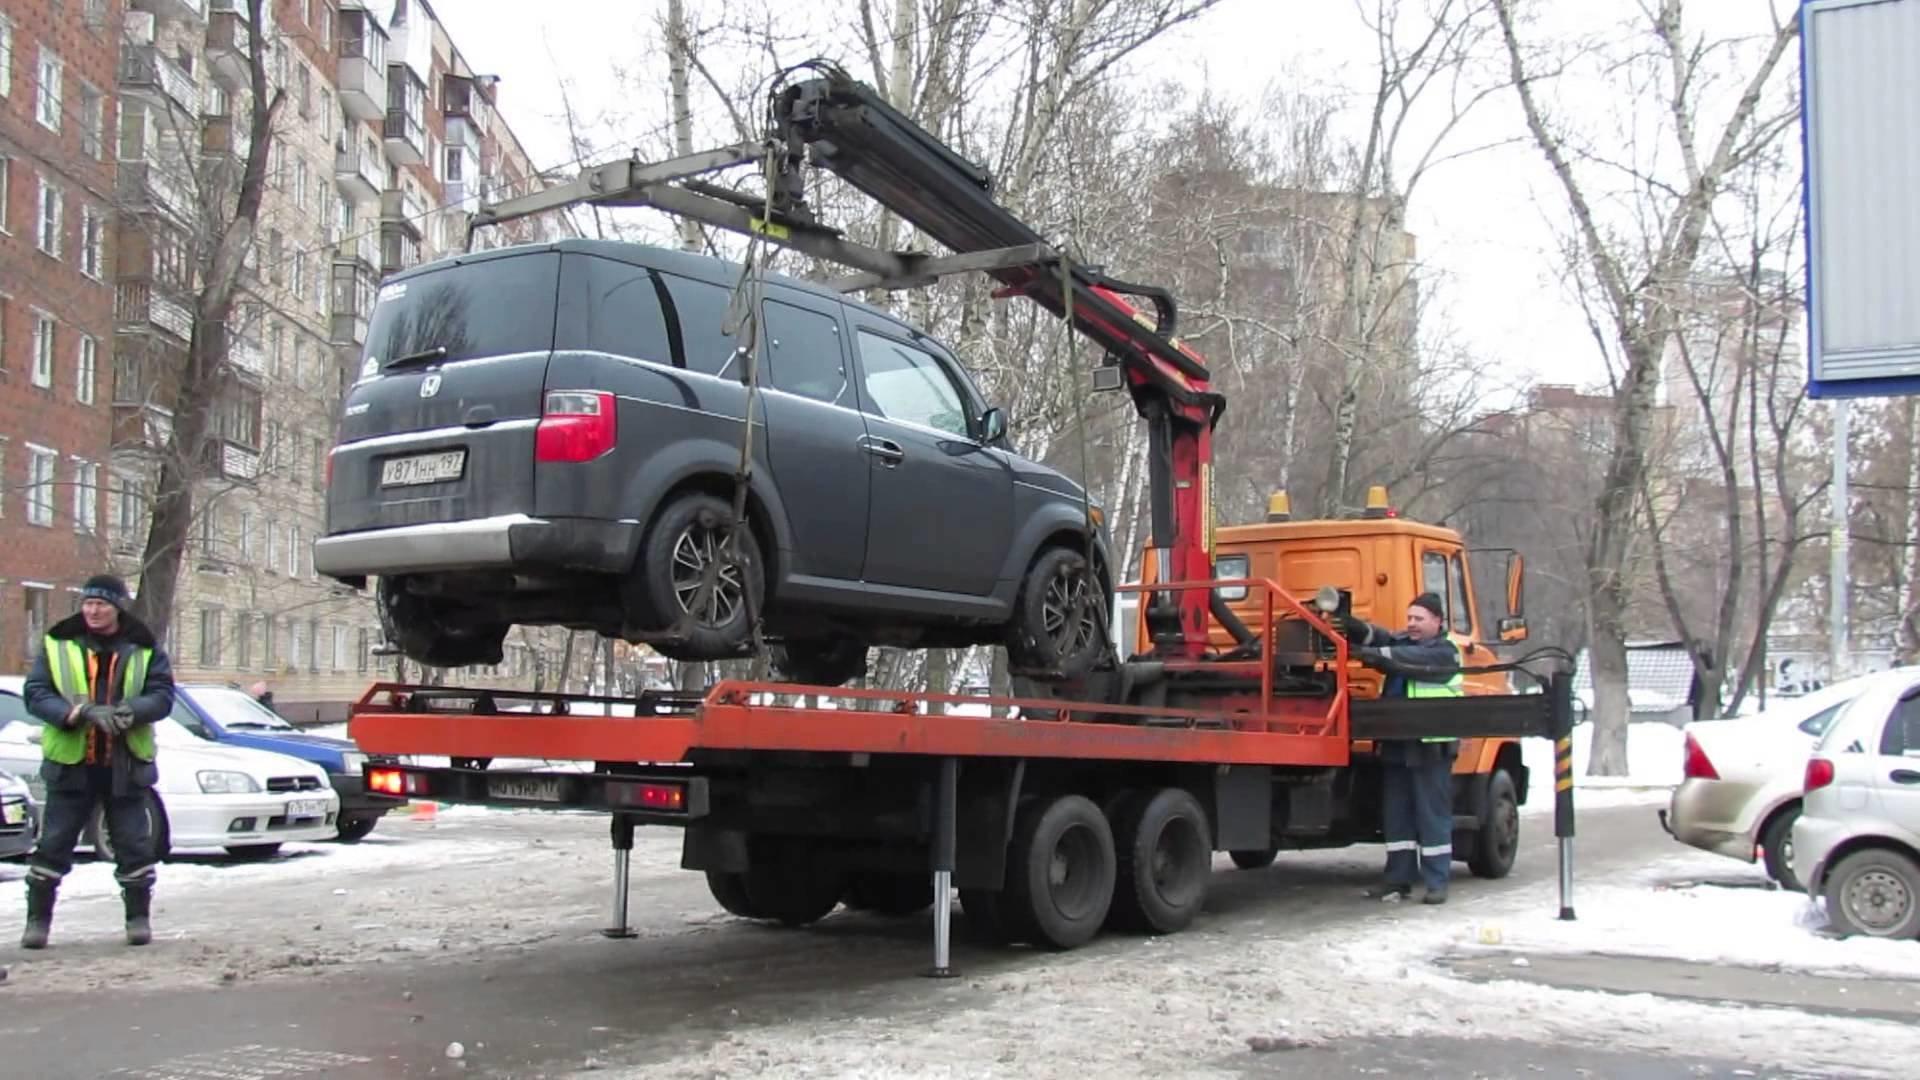 Эвакуация транспортных средств: закон, основания, порядок эвакуации